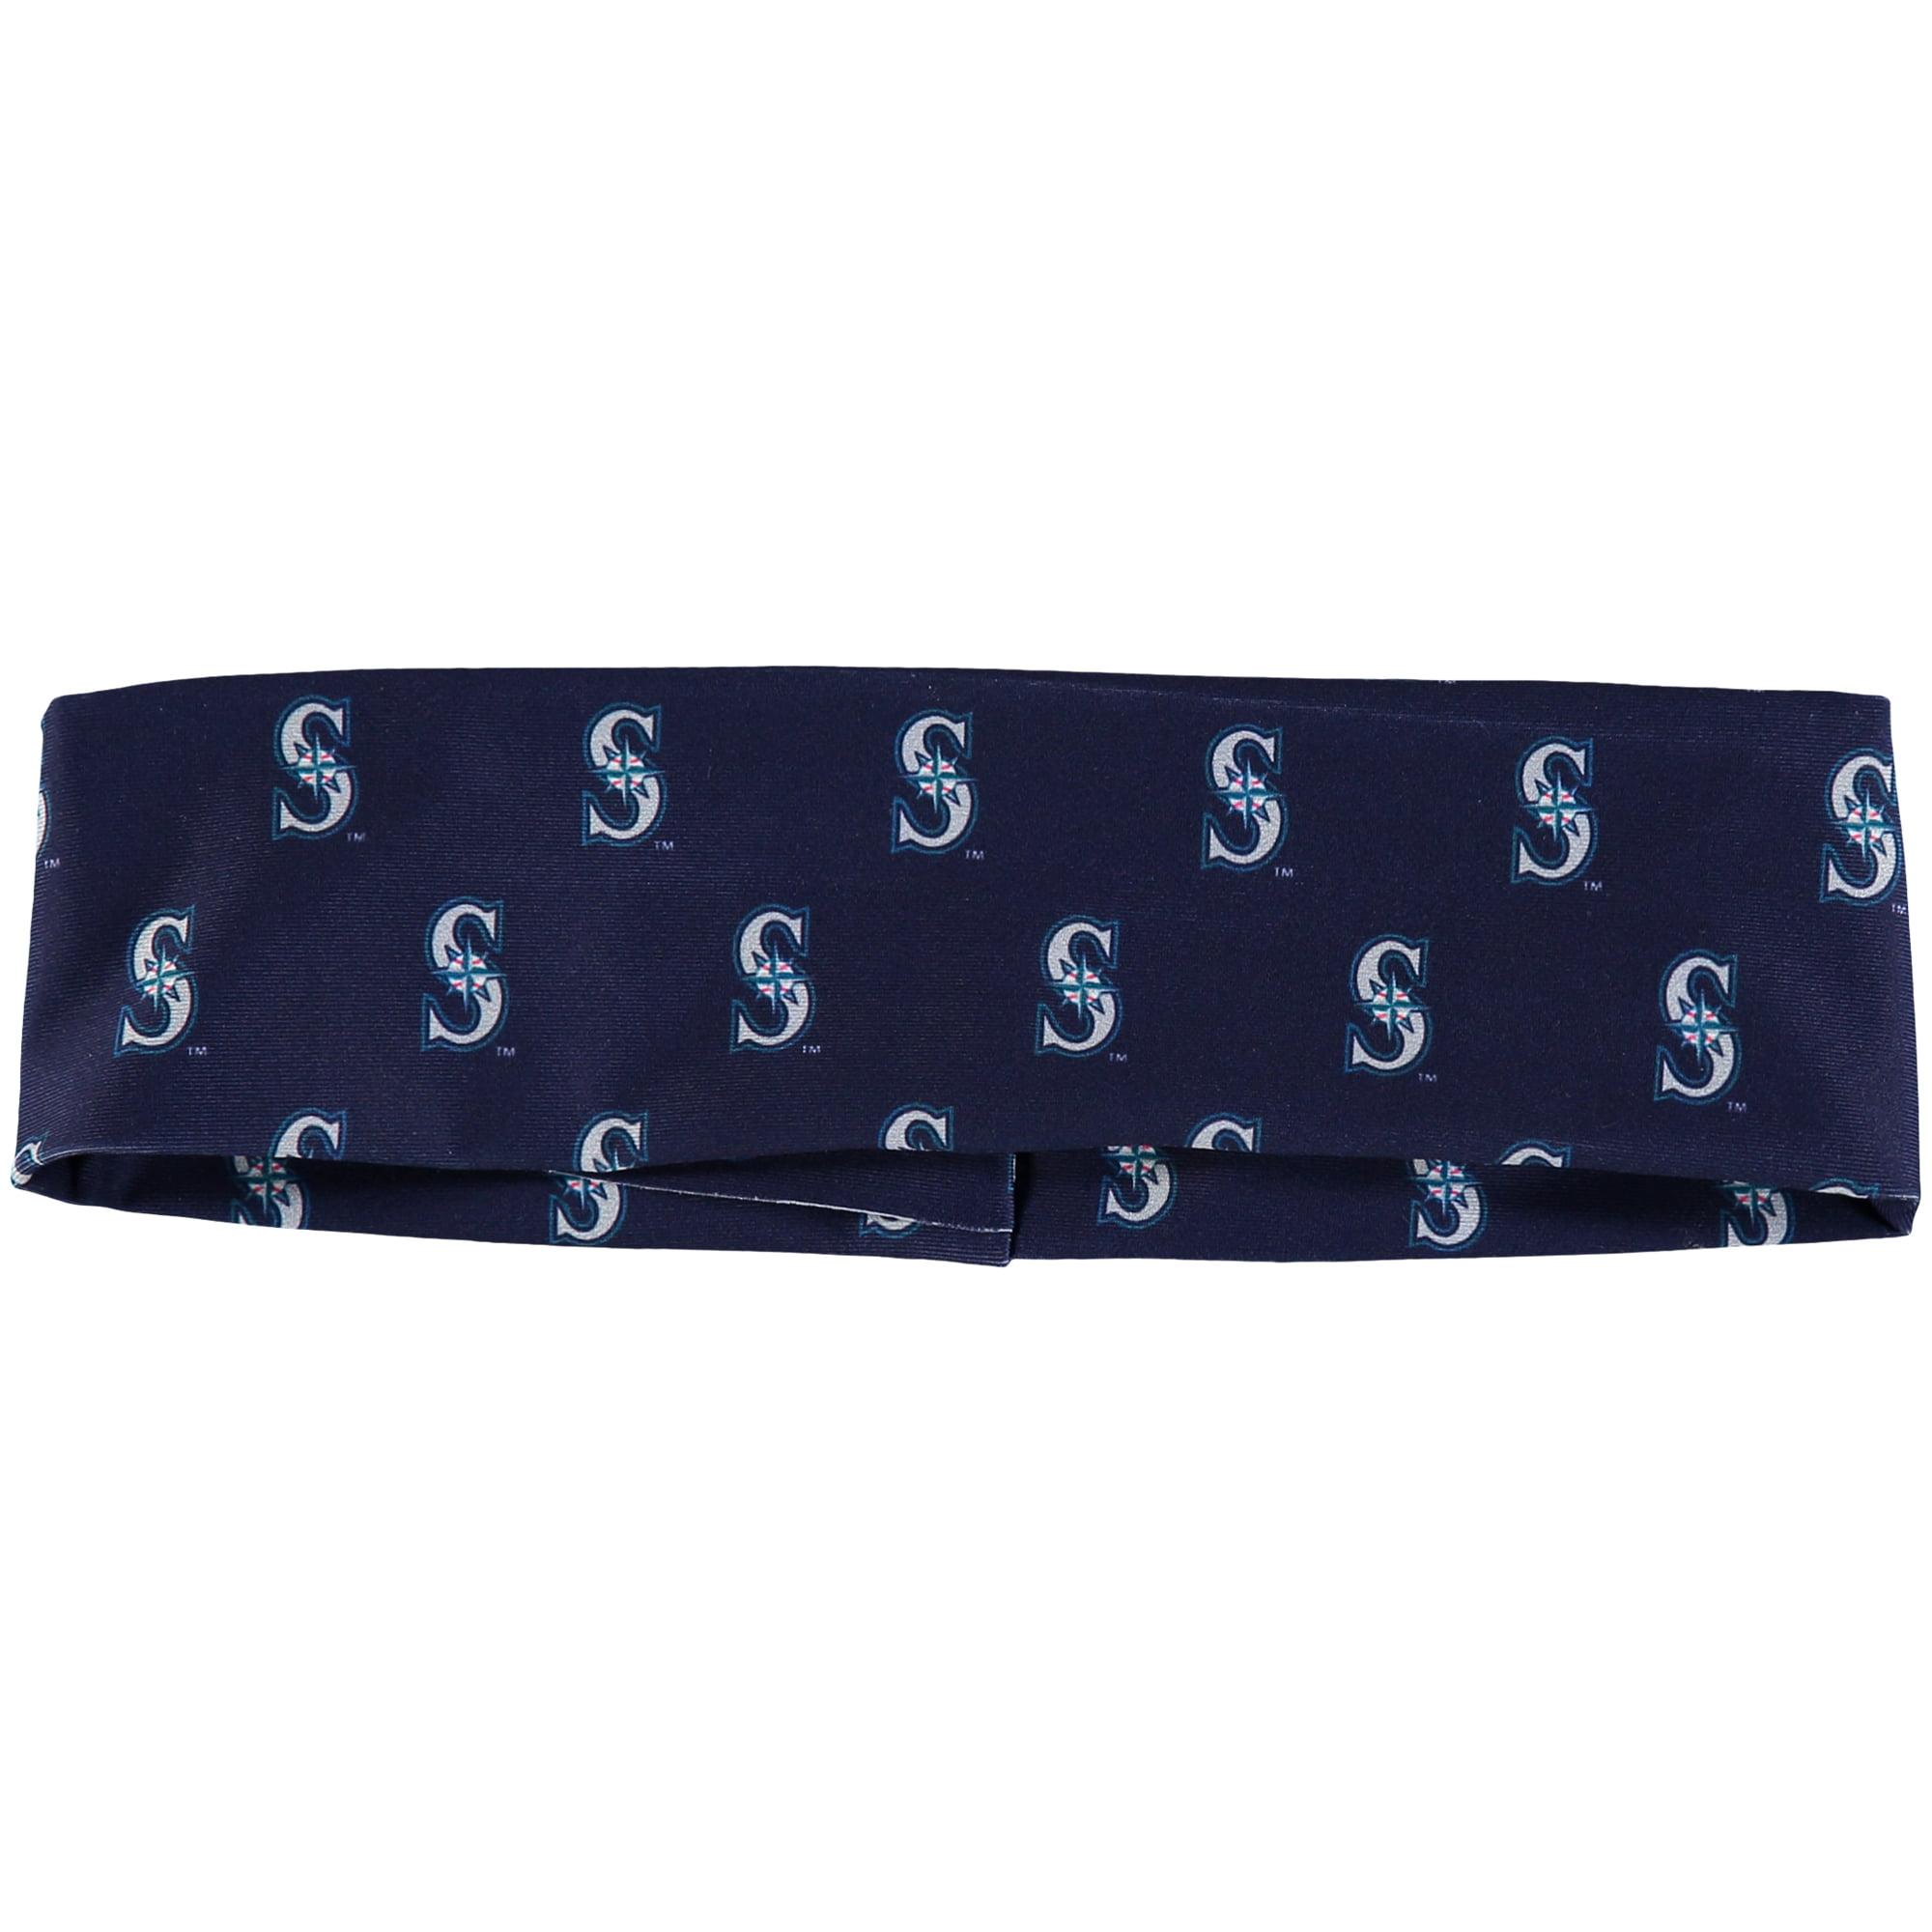 Seattle Mariners Coolcore Headband - Navy - No Size